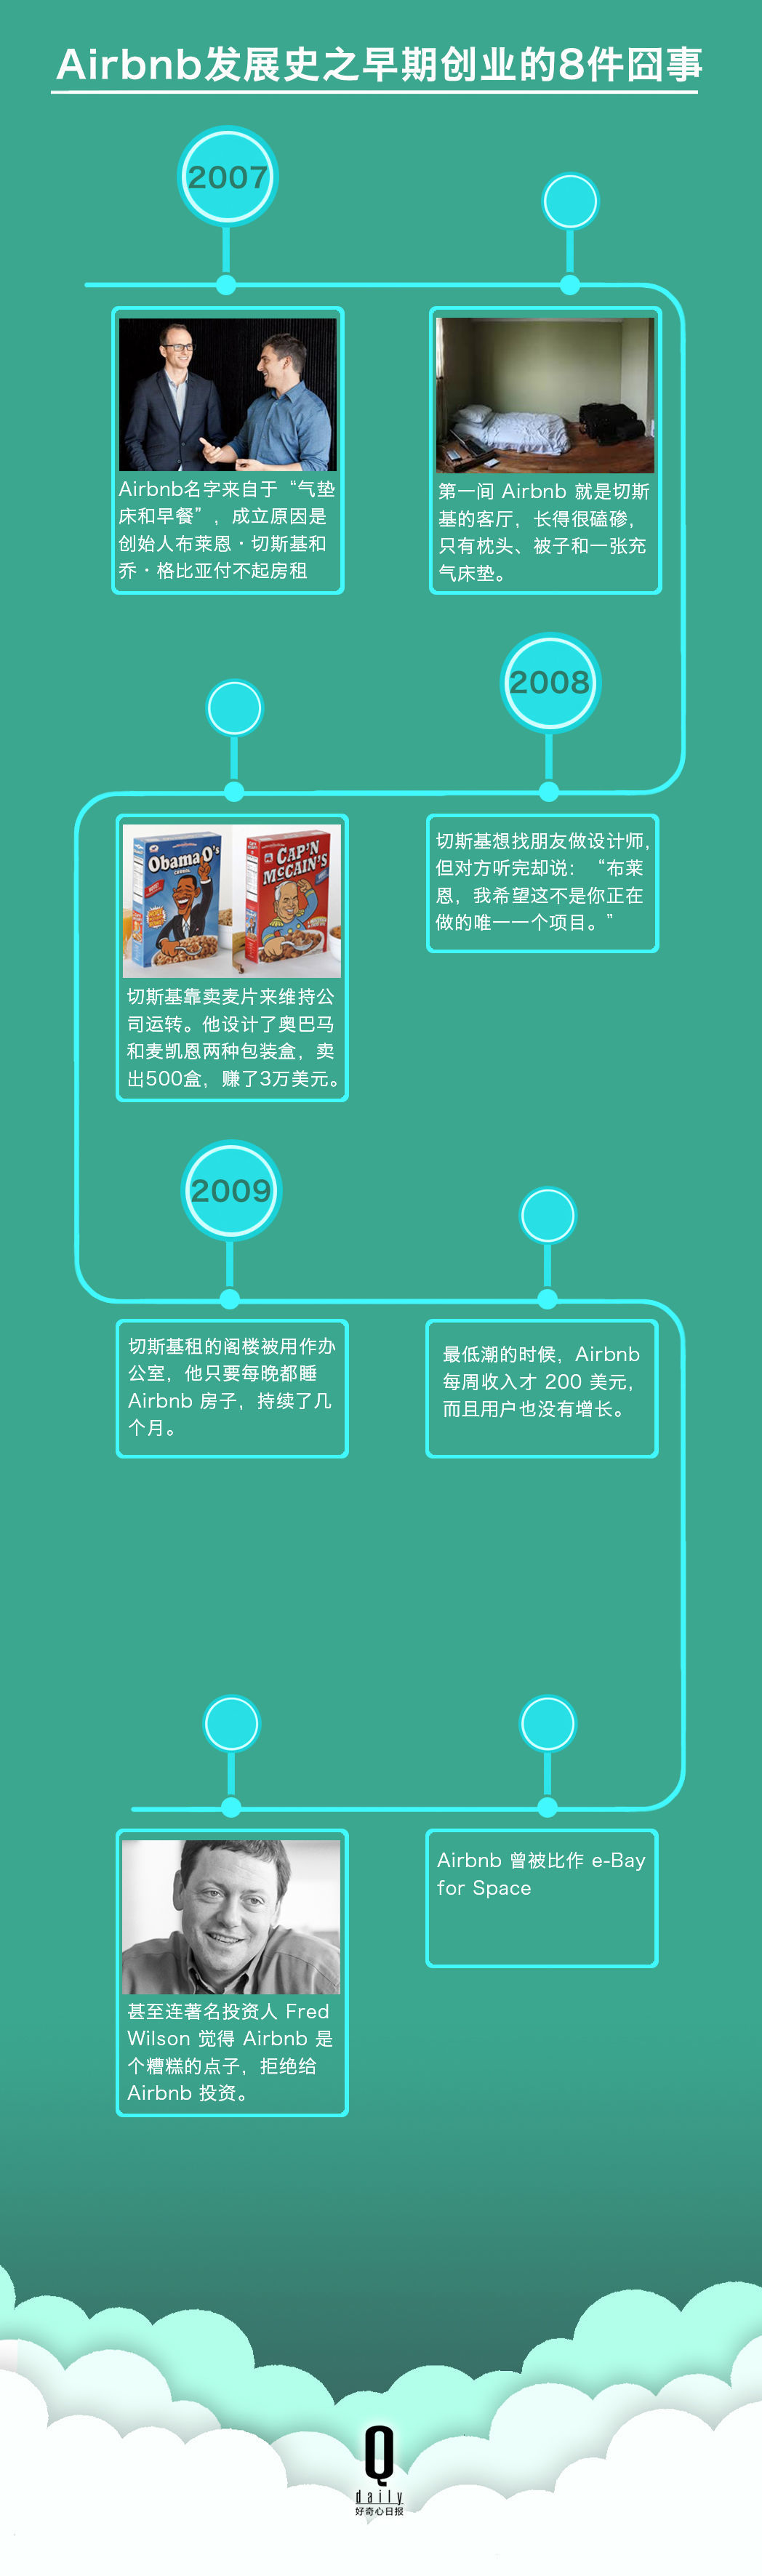 7 张图告诉你,Airbnb 如何从一个卖麦片的变成全球最大酒店 - 初创公司 - 创业邦